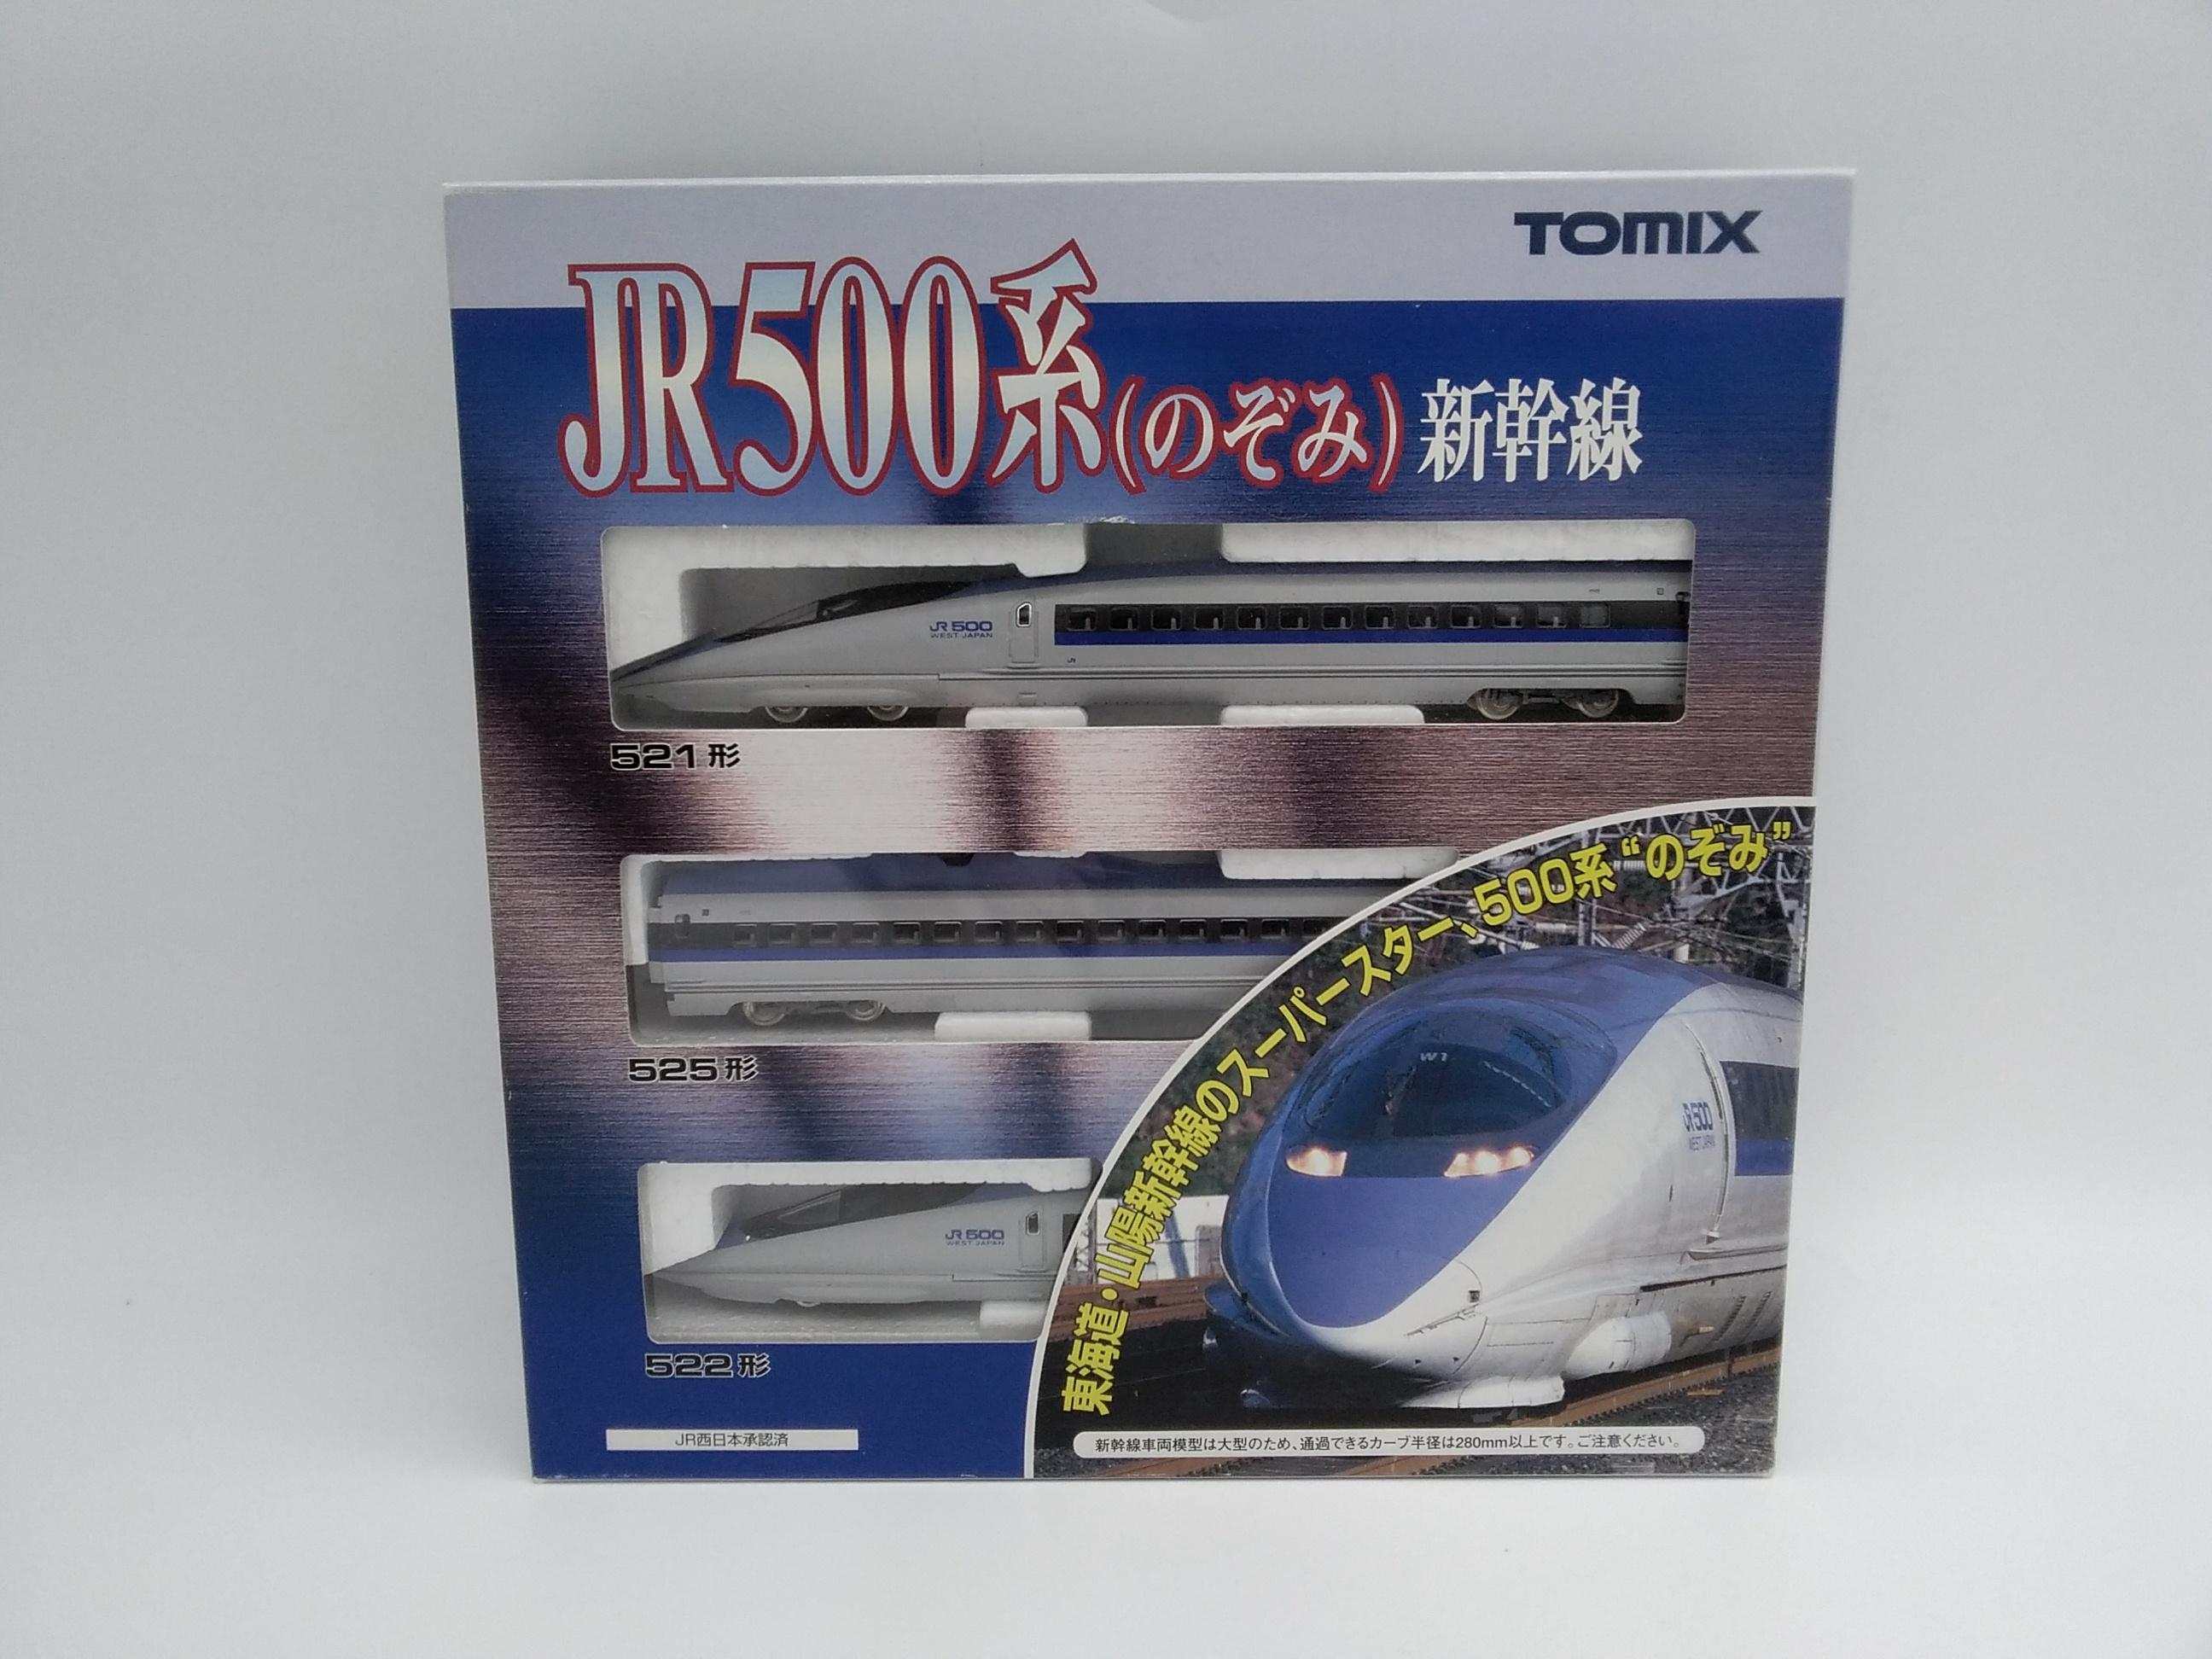 500系 新幹線 のぞみ 基本セット 3両|TOMIX